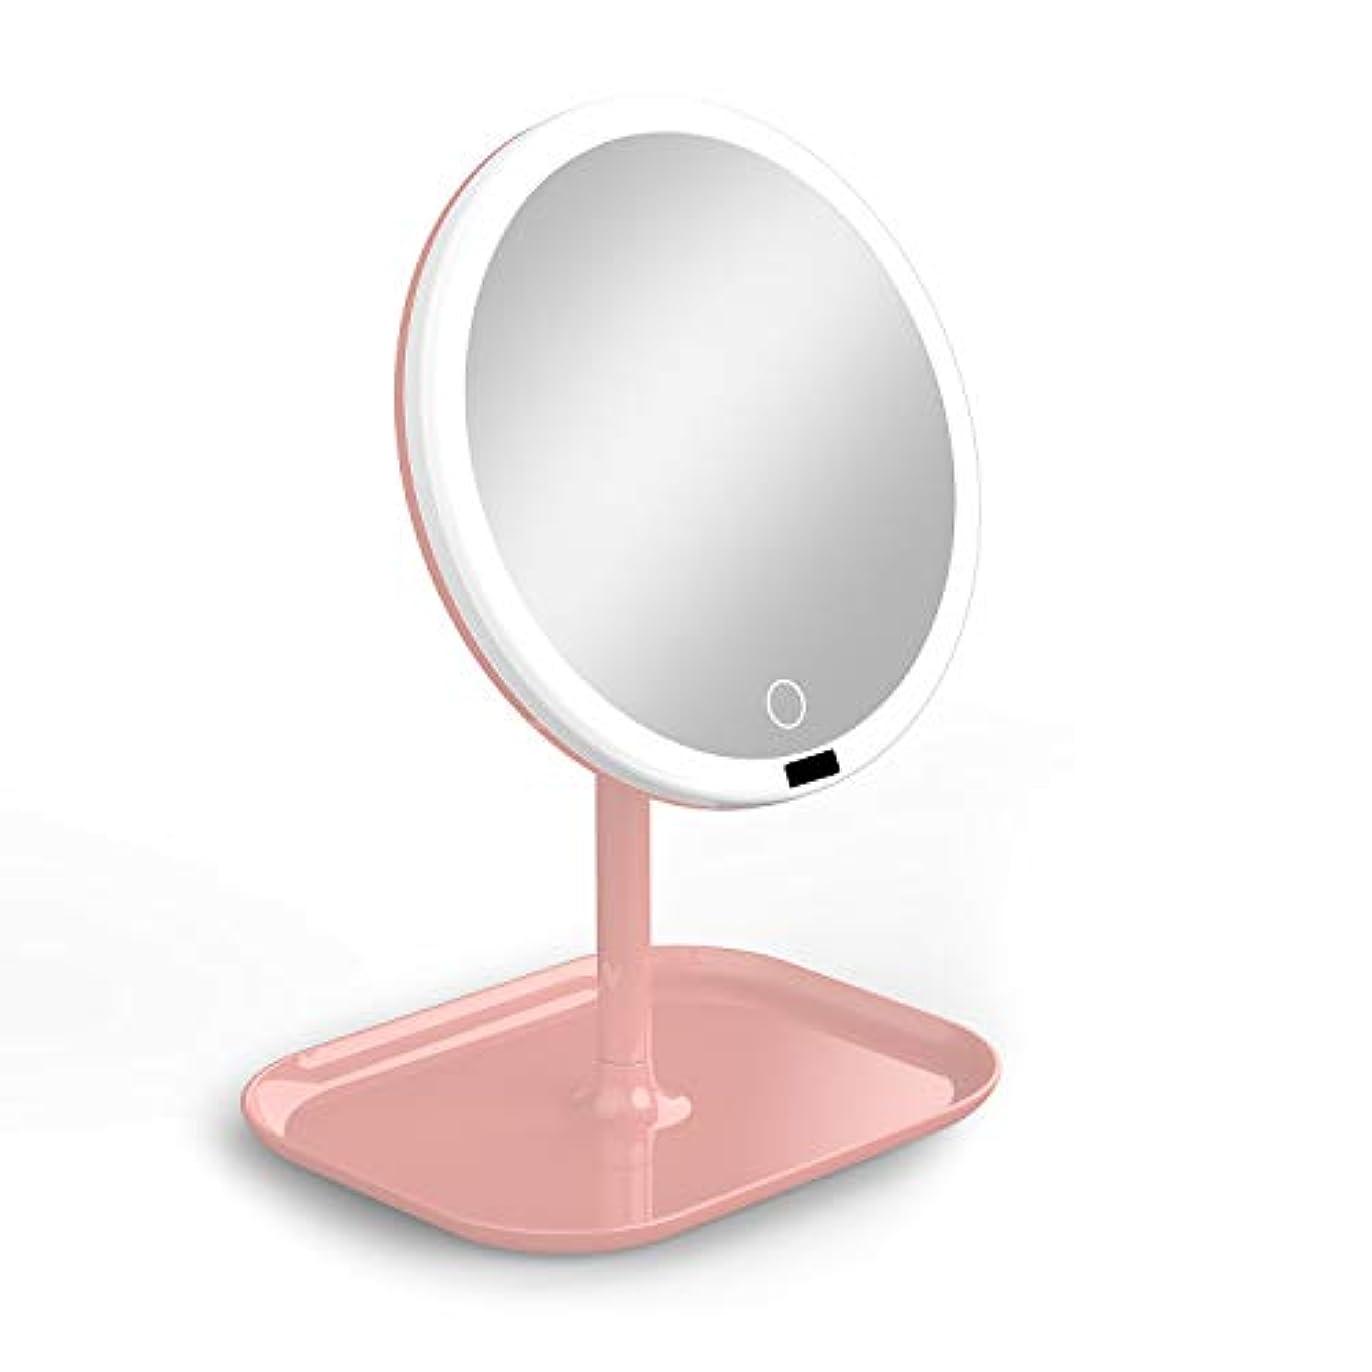 ストリップいっぱい歯La Farah 化粧鏡 化粧ミラー LEDライト付き 卓上鏡 女優ミラー 3段階明るさ調節可能 180度回転 コードレス 充電式 円型